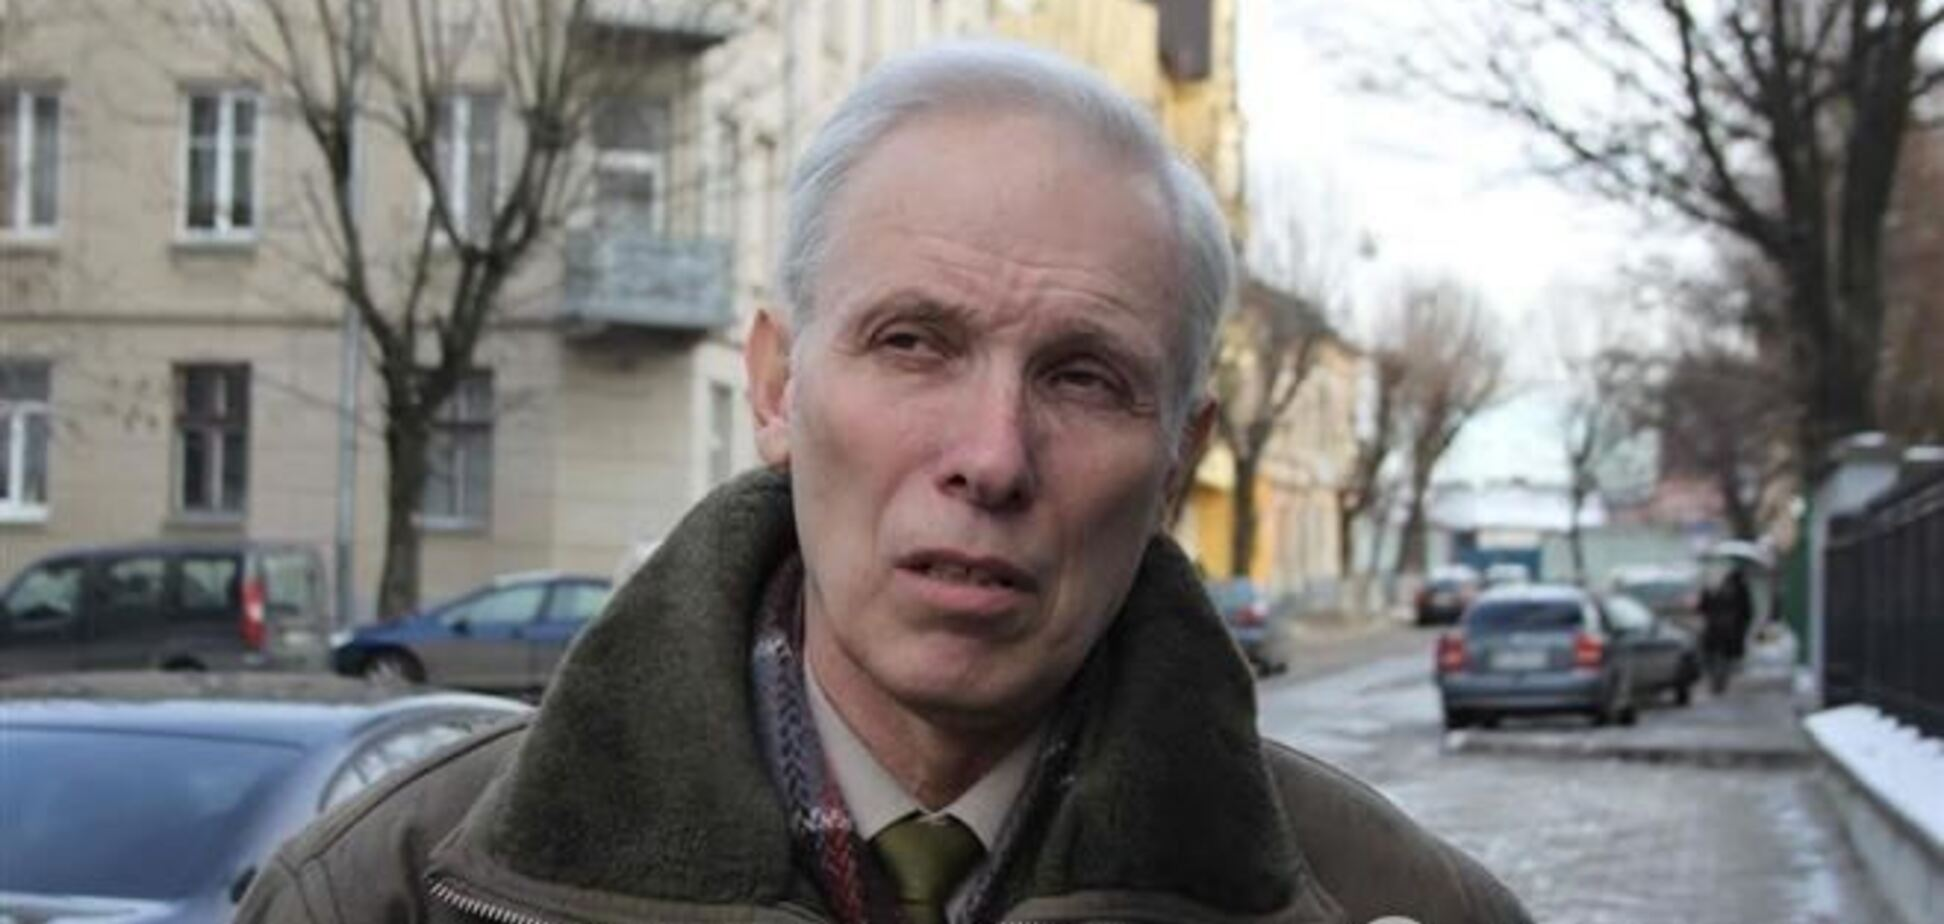 Суд сохранил льготы воинам СС 'Галичина' во Львове